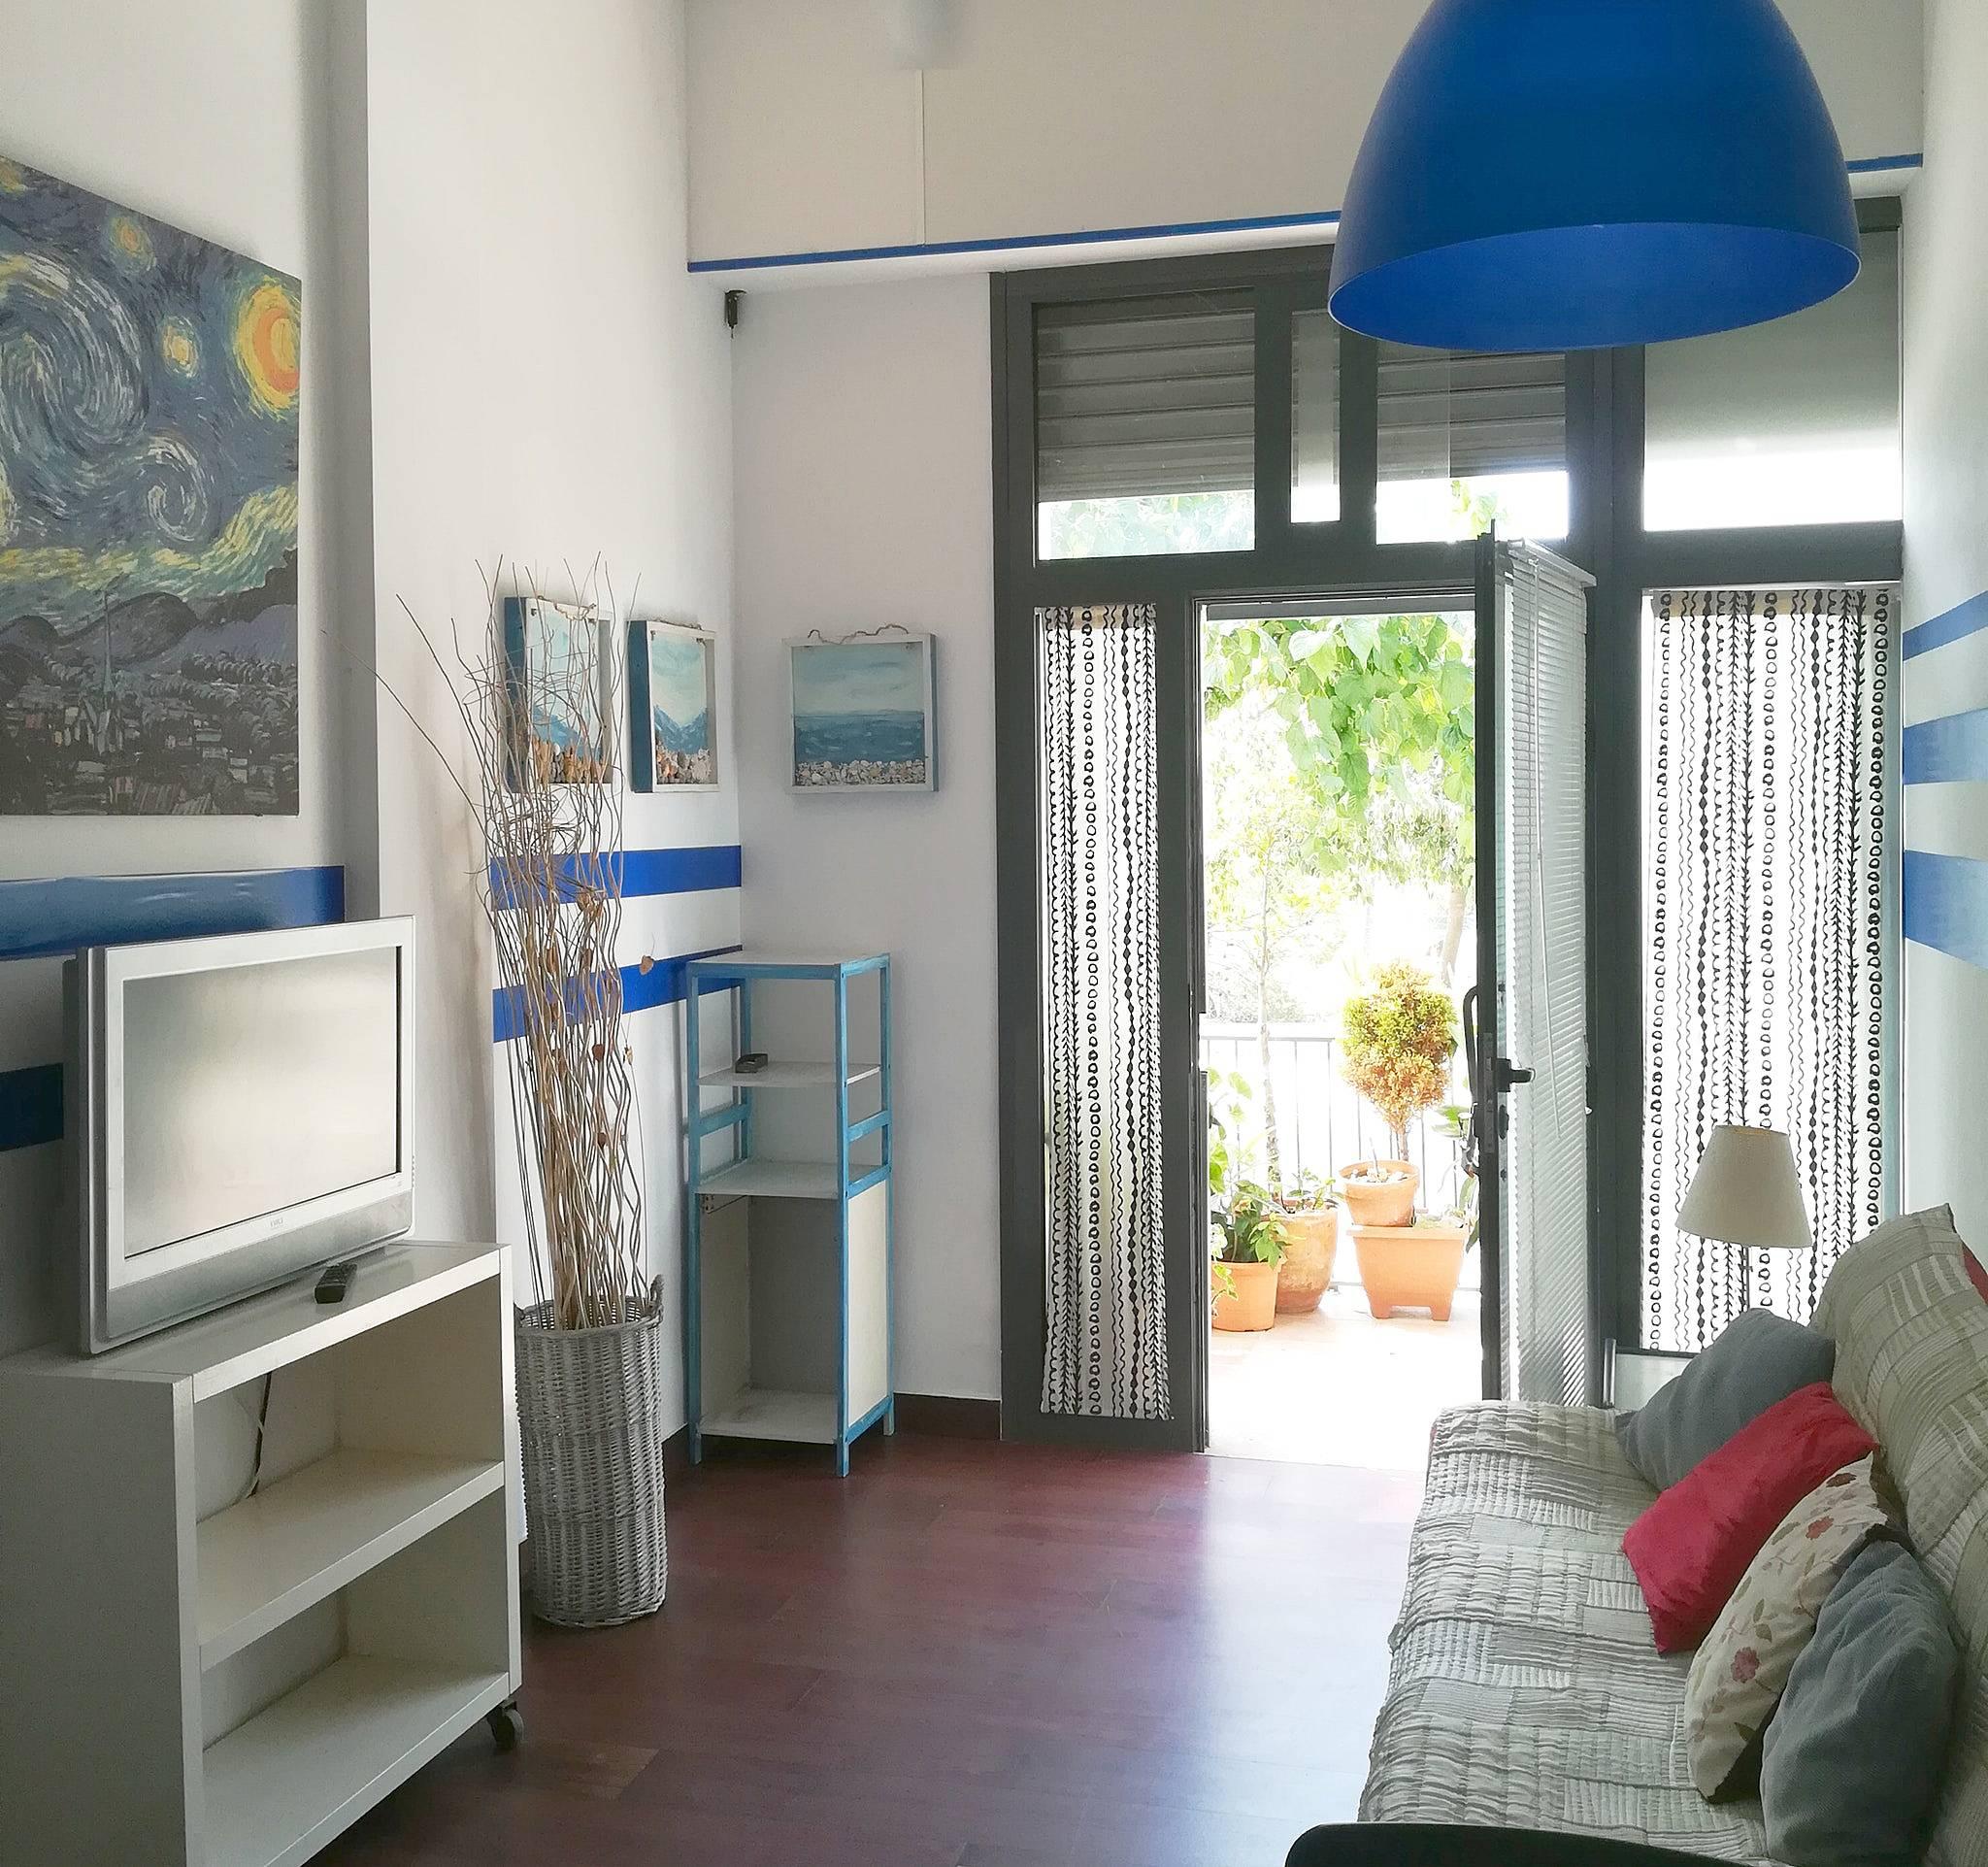 Alquiler vacaciones apartamentos y casas rurales en vacarisses barcelona - Casas rurales bcn ...